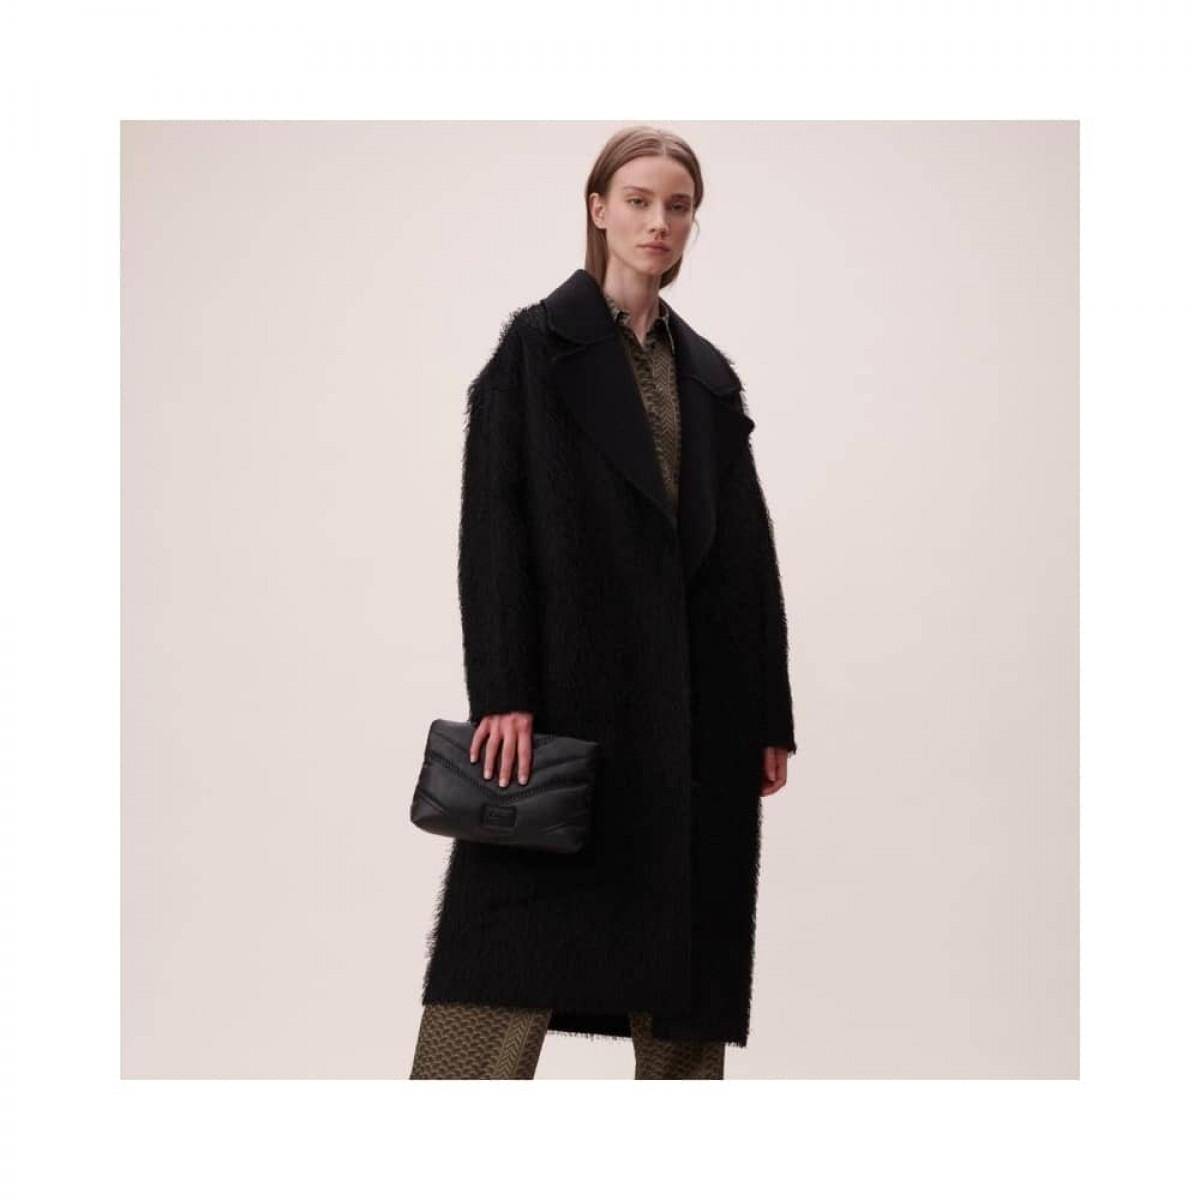 pouch nola - black - model front